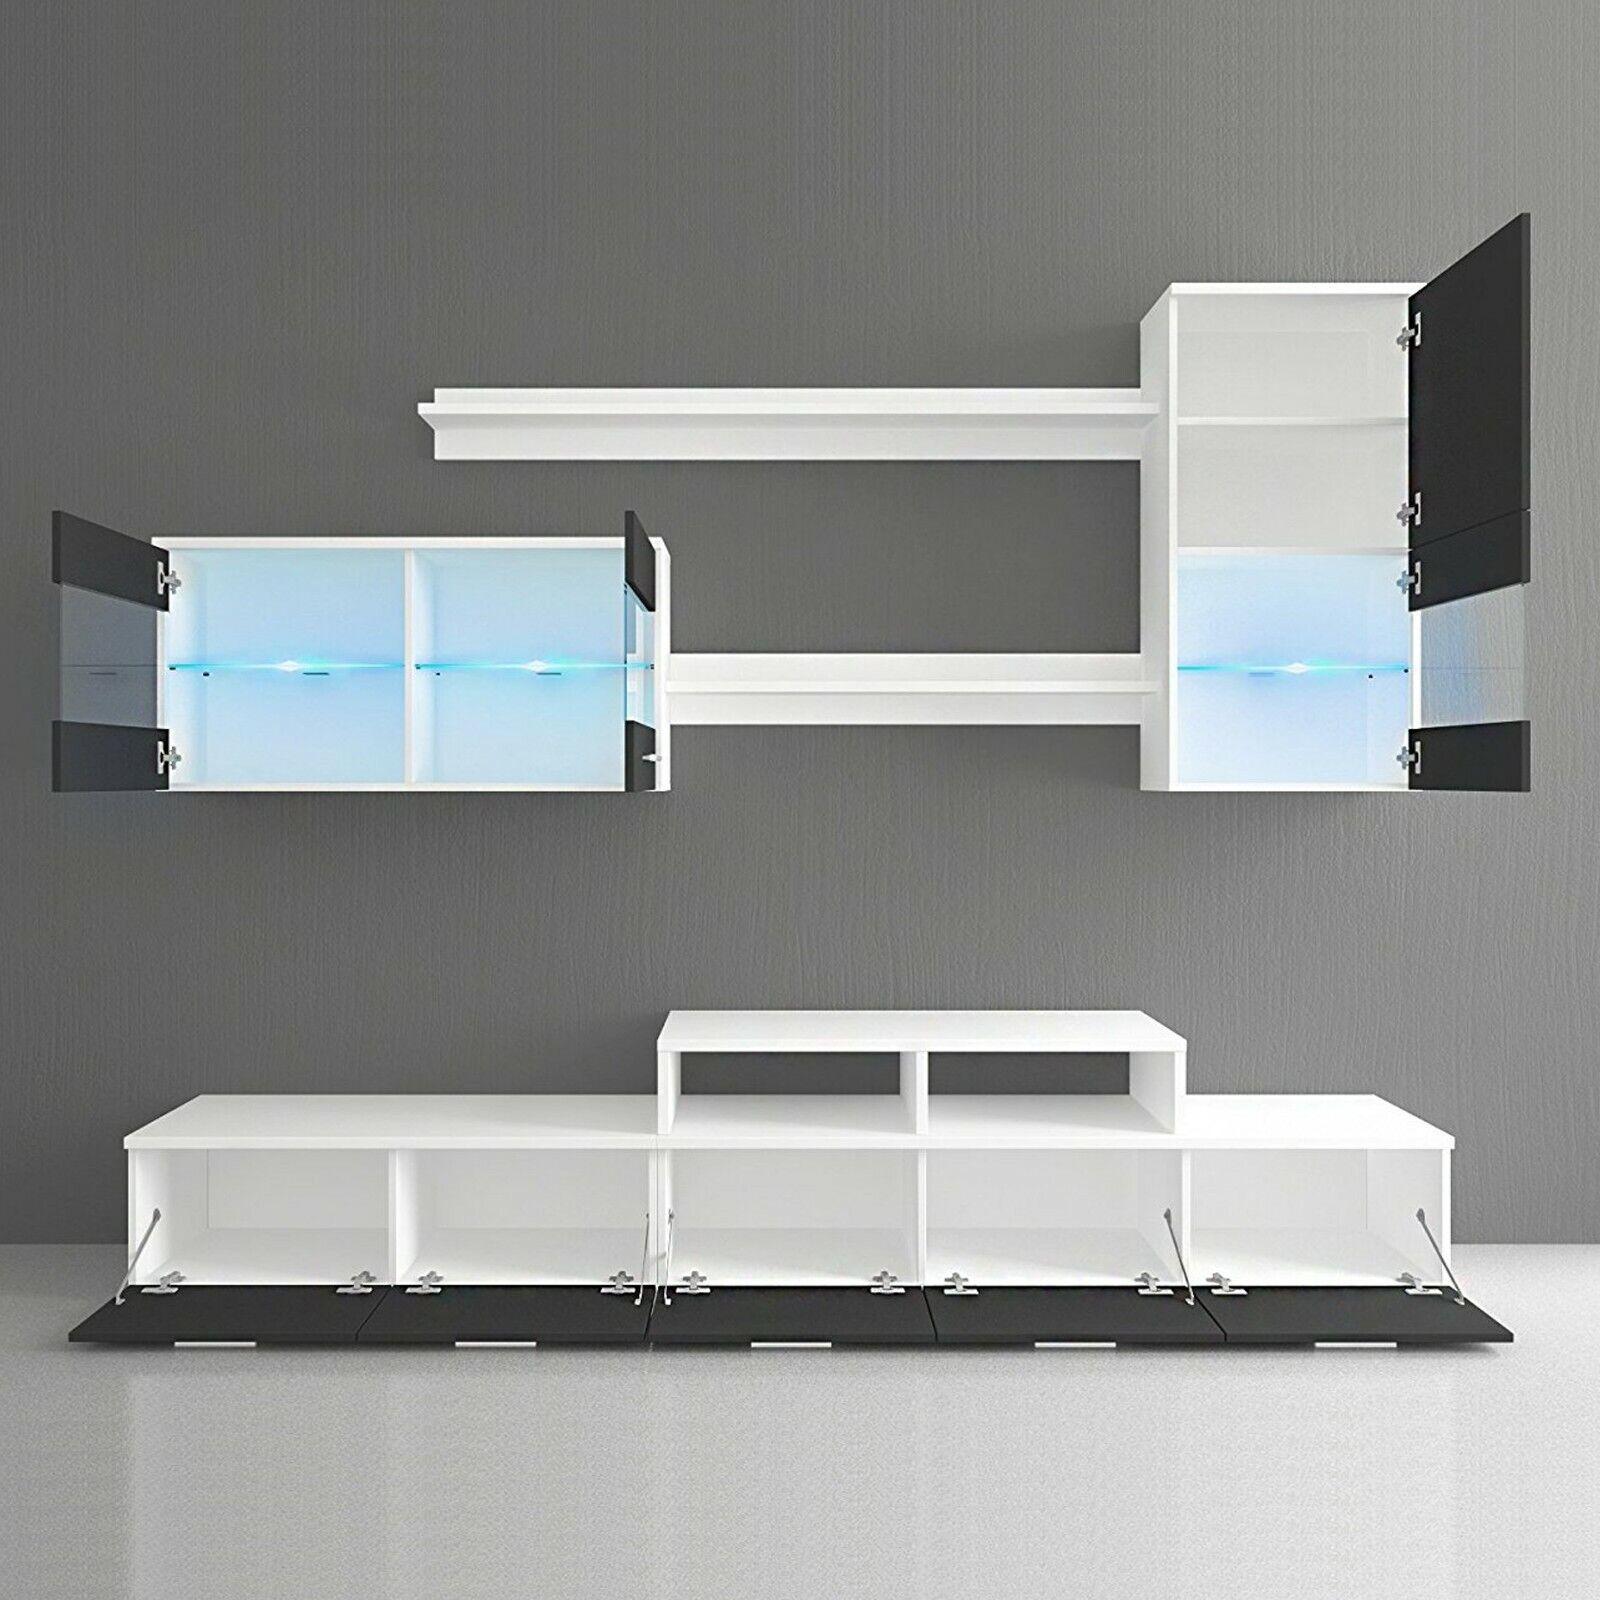 Mueble salón comedor moderno con Leds, Blanco Mate y Negro Brillo Lacado